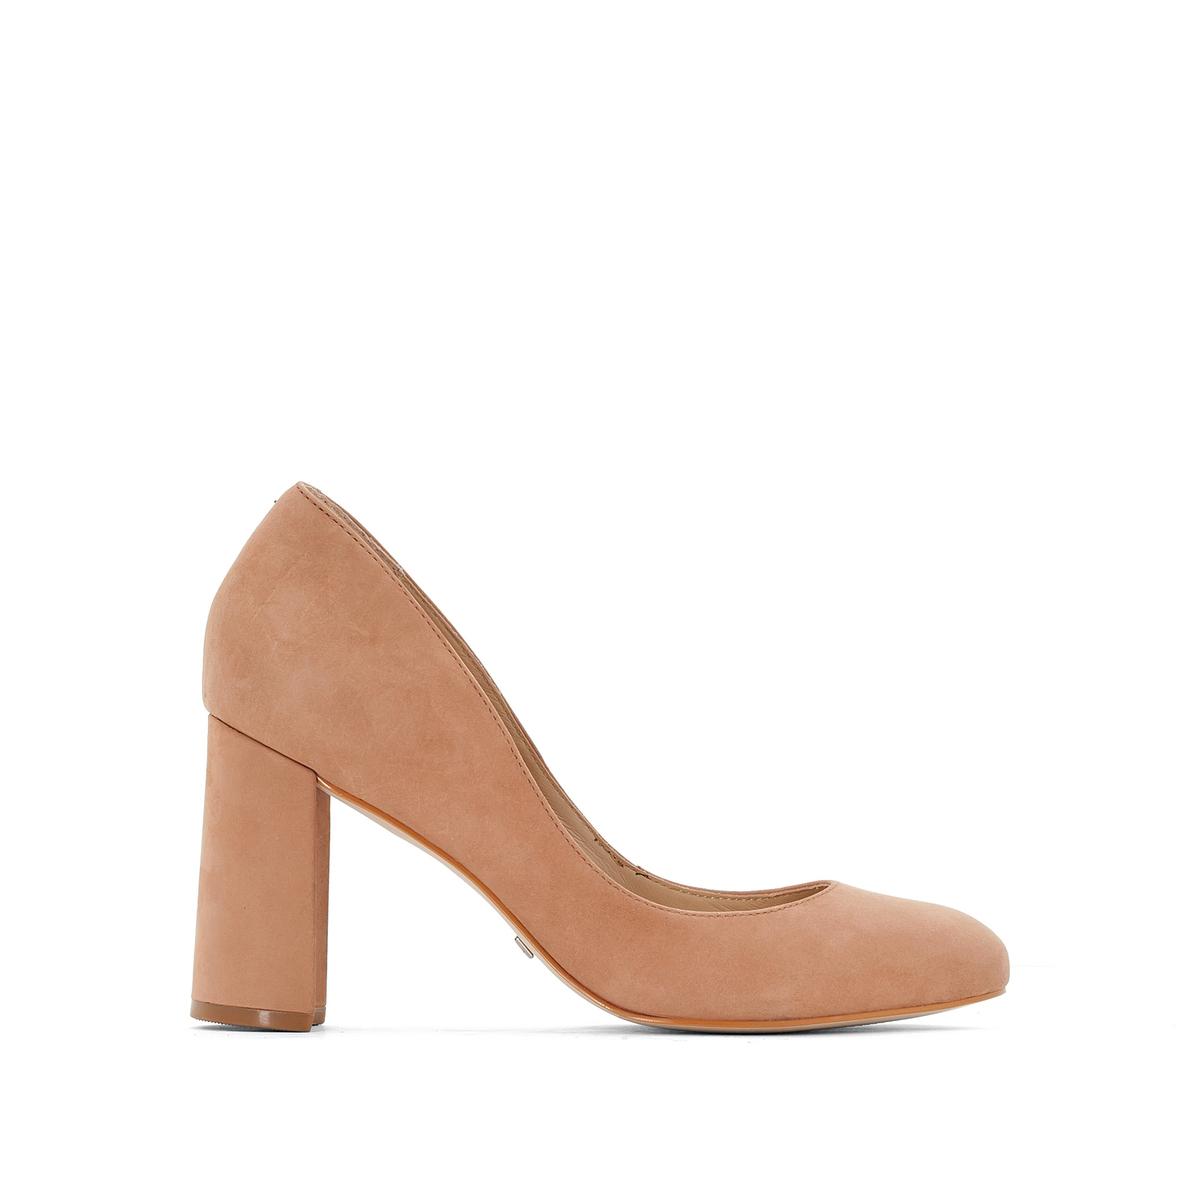 Туфли на каблуке,  ZS6112Верх / Союзка: Кожа.            Подкладка: Кожа.              Подошва: Синтетический материал.                         Высота каблука: 8 см.     Форма каблука: Широкая.        Мысок: Круглый.         Застежка: Без застежки.<br><br>Цвет: бежевый<br>Размер: 36